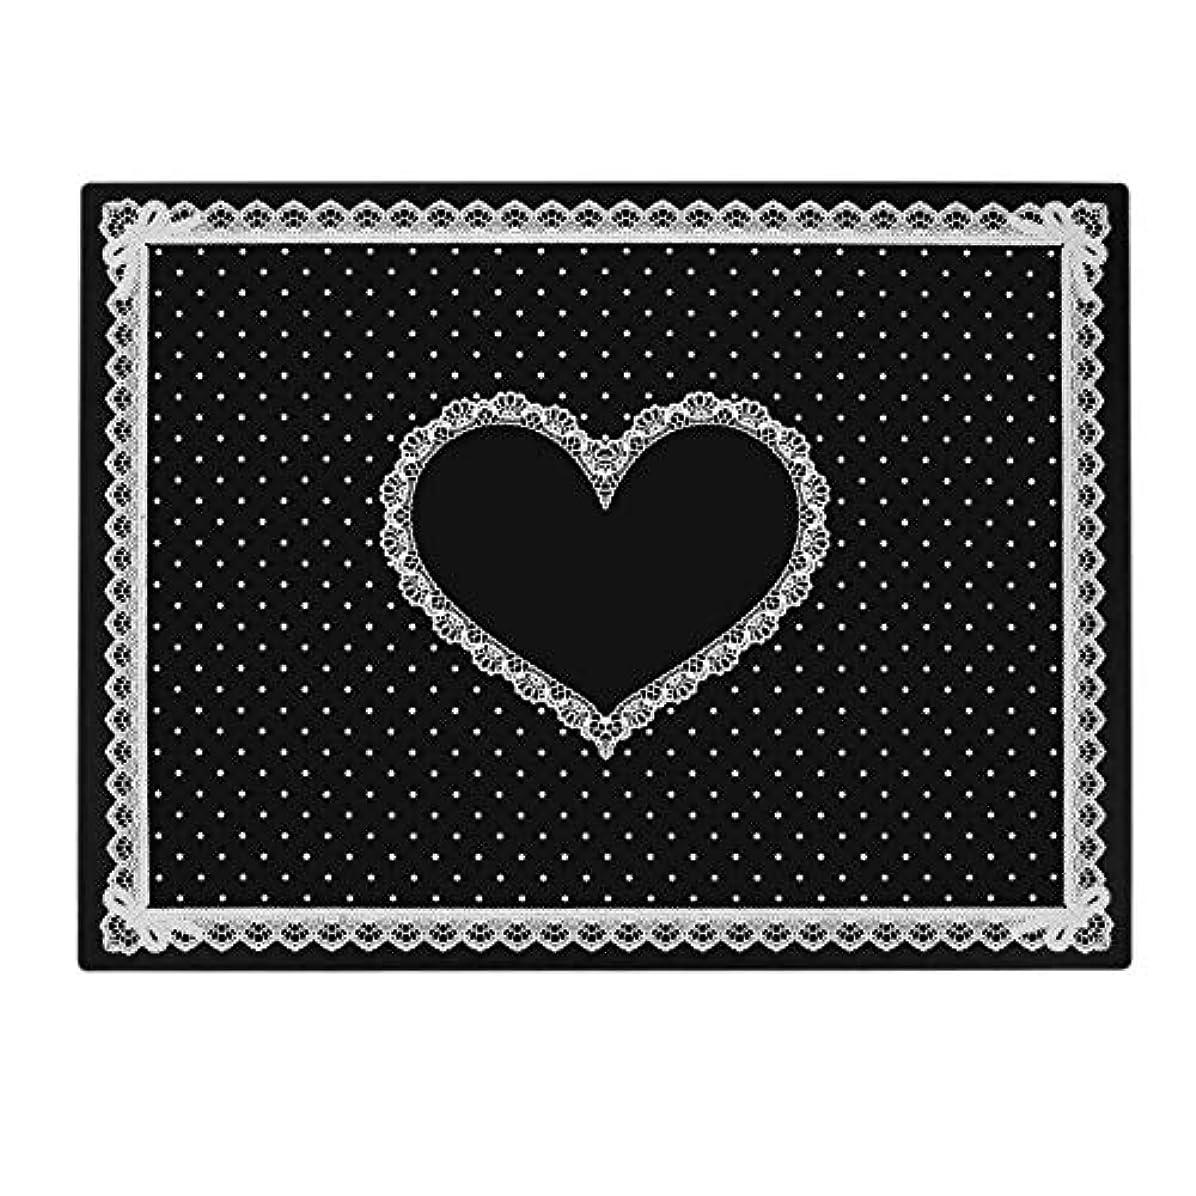 ブルーム騒乱厚くする5色高品質の快適なシリコンハンドレストクッション枕-ネイルアートテーブルアーム手首パッドマニキュアサロン(14)